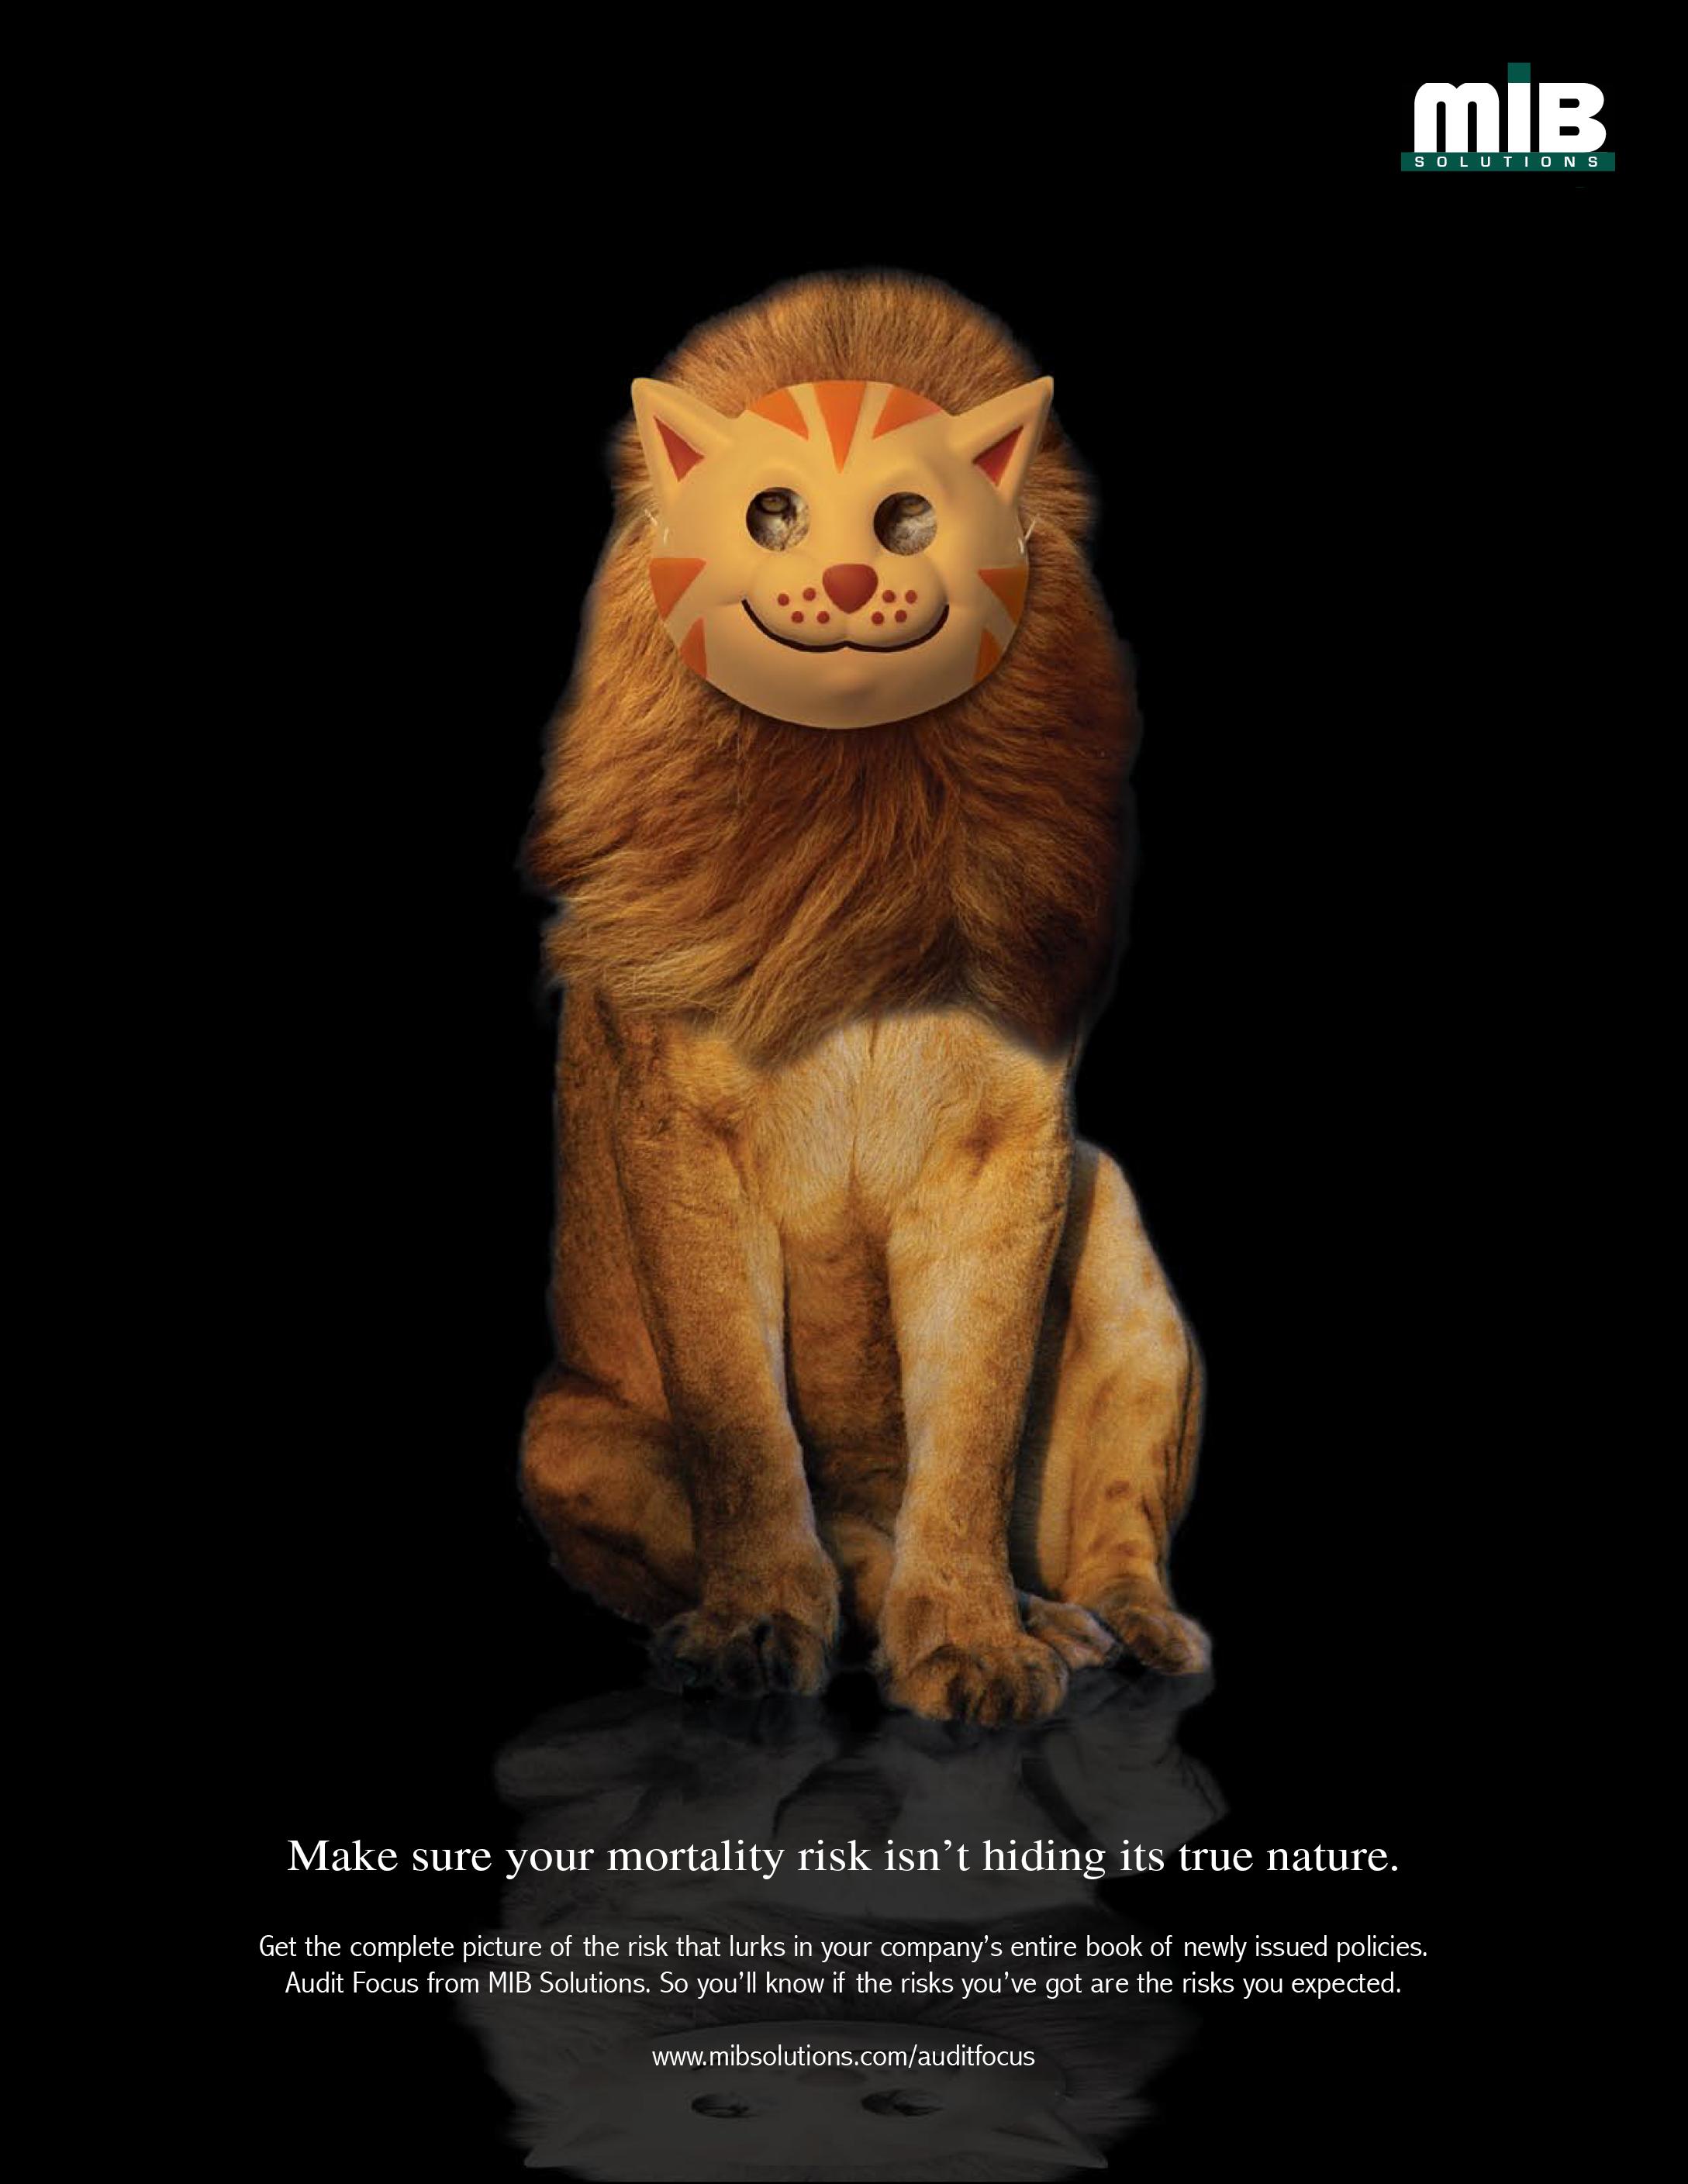 MIB ad - Lion